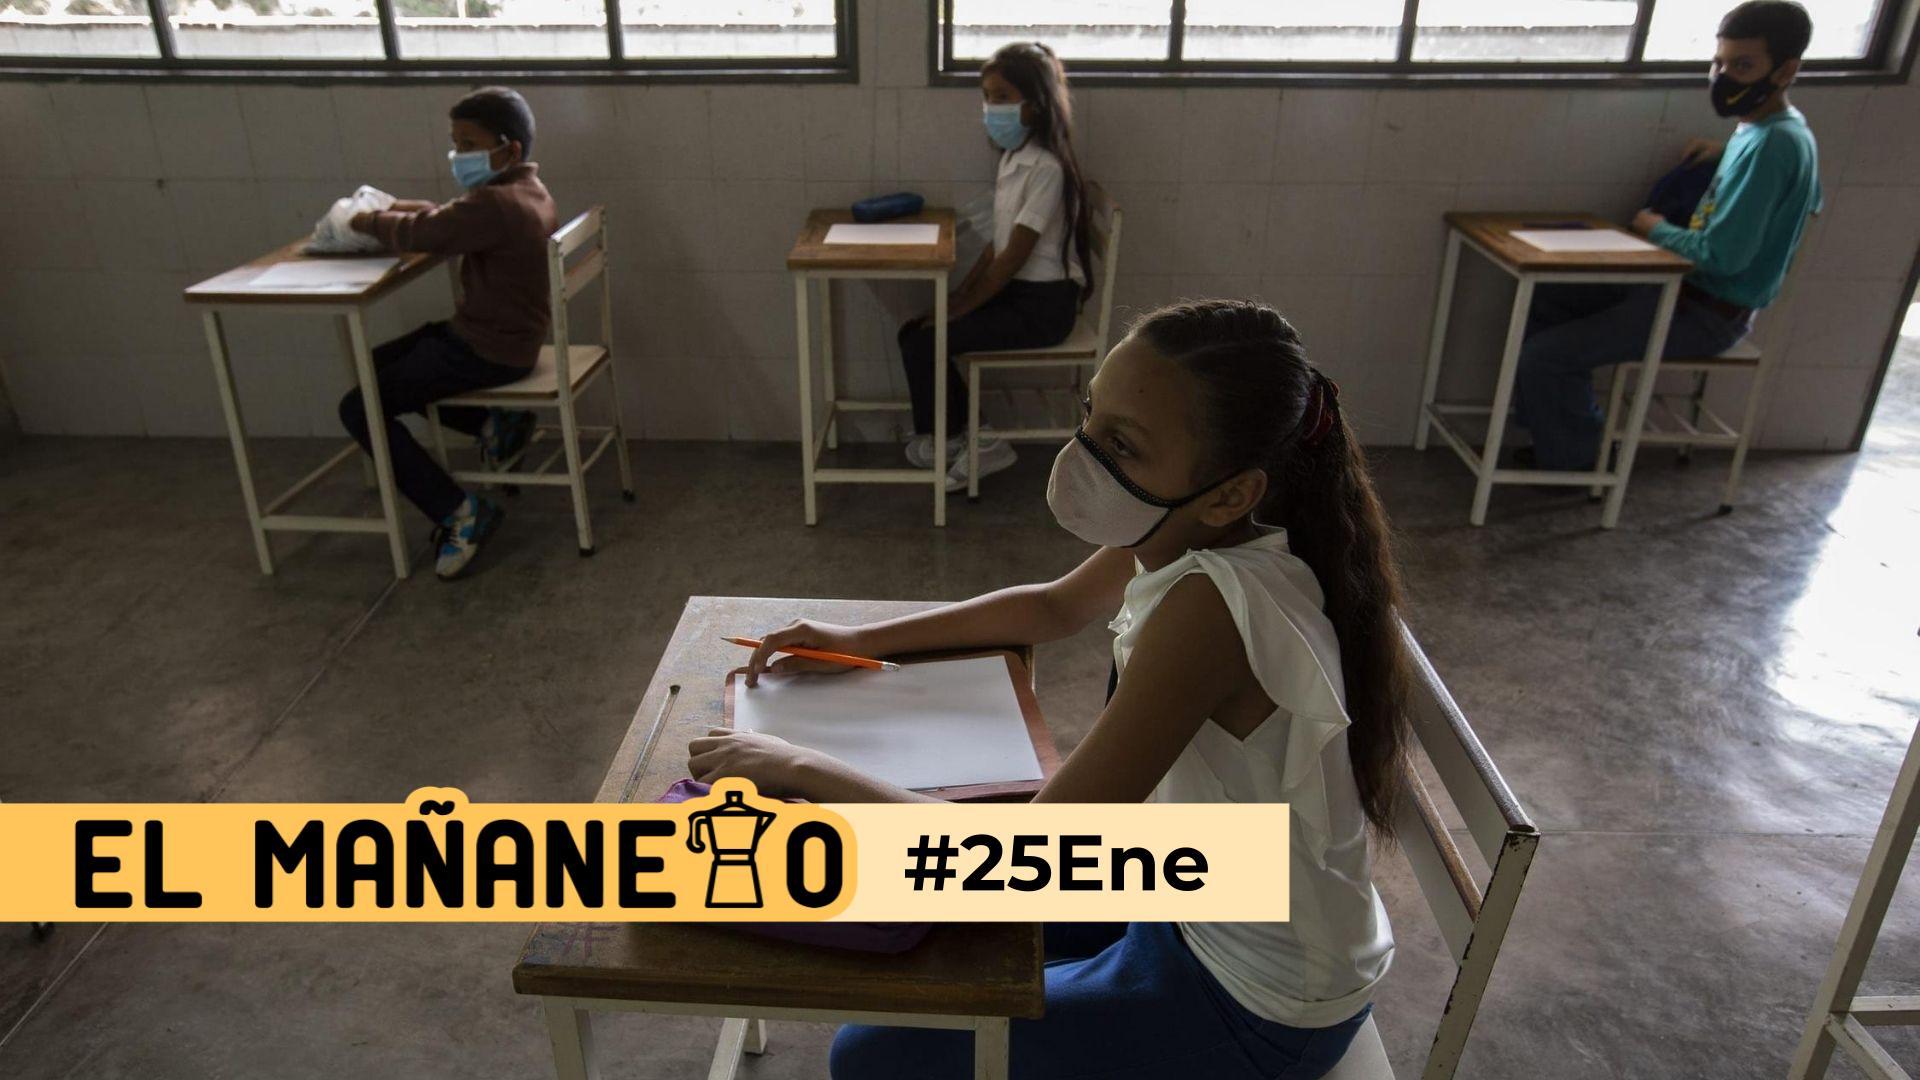 El Mañanero de hoy #25Ene: Las 8 noticias que debes saber